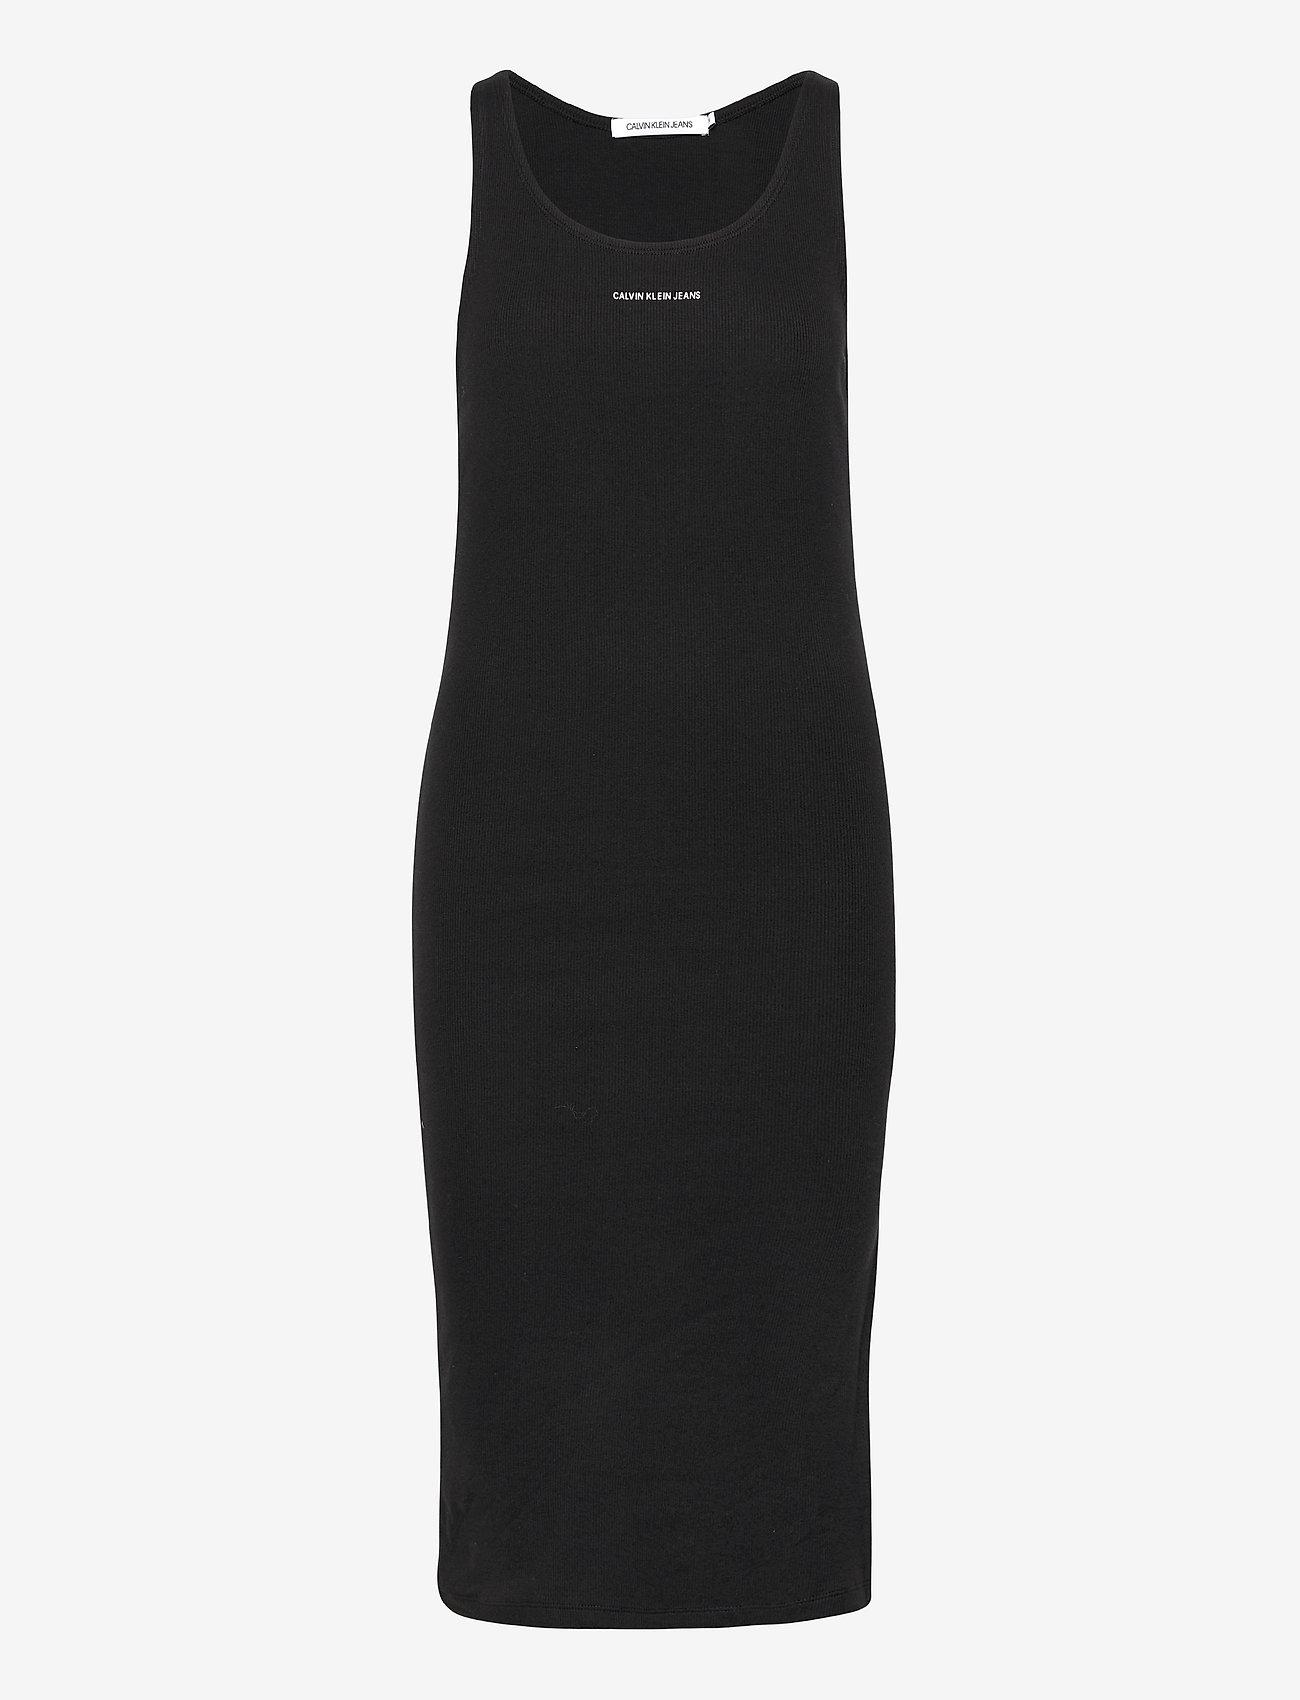 Calvin Klein Jeans - MICRO BRANDING STRAPPY RIB DRESS - sommerkjoler - ck black - 0